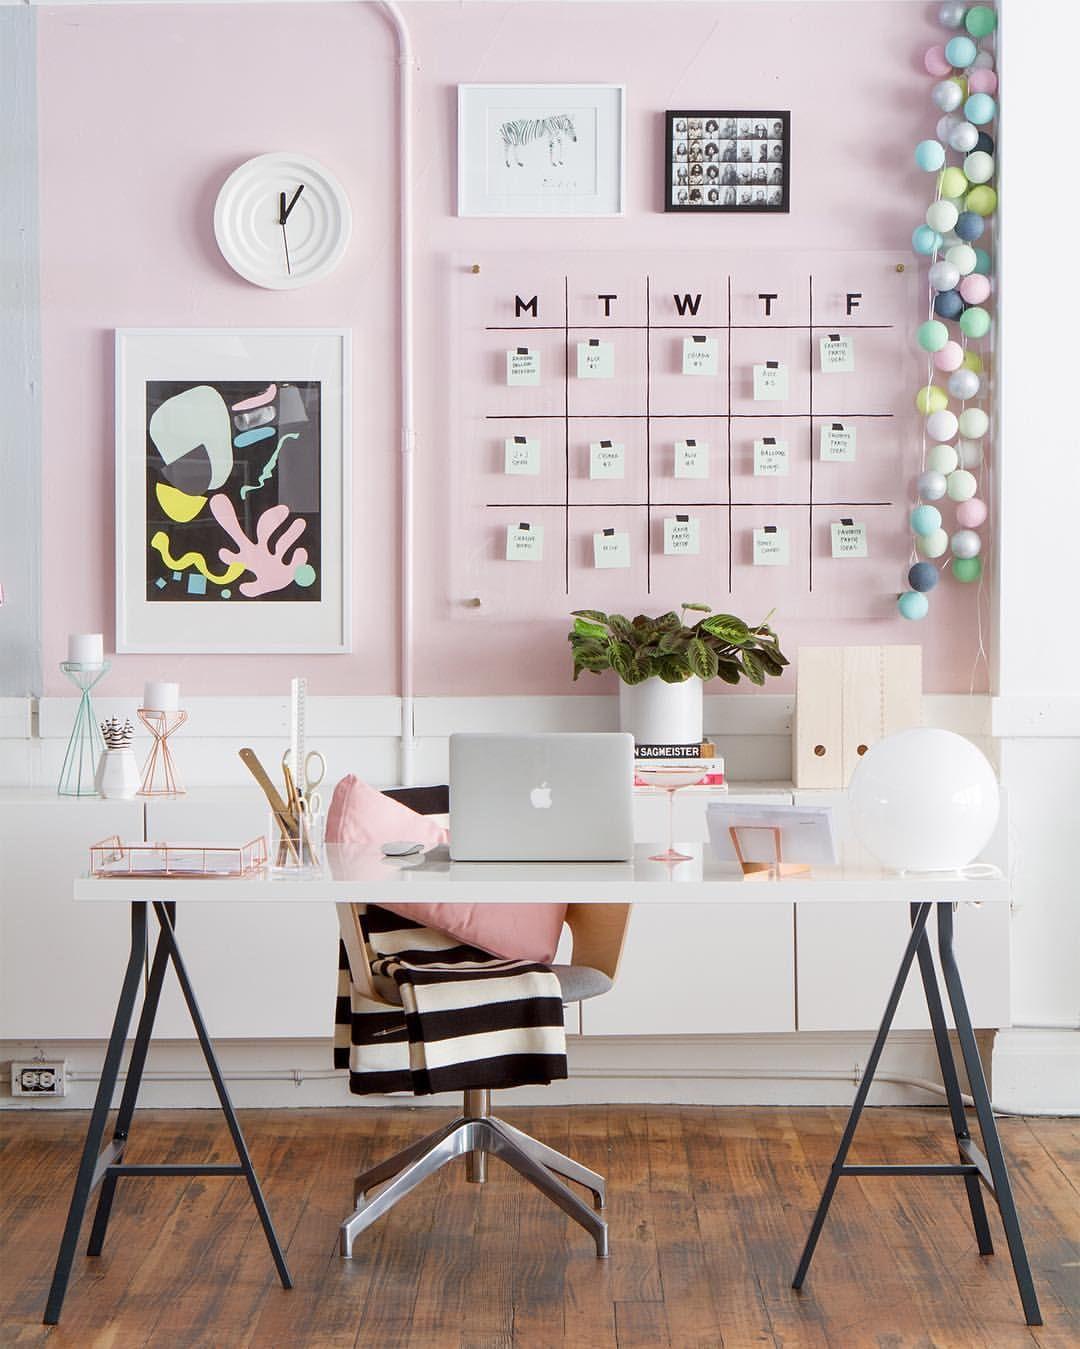 Uma boa ideia de calendário para home pero sin el rosadooo office